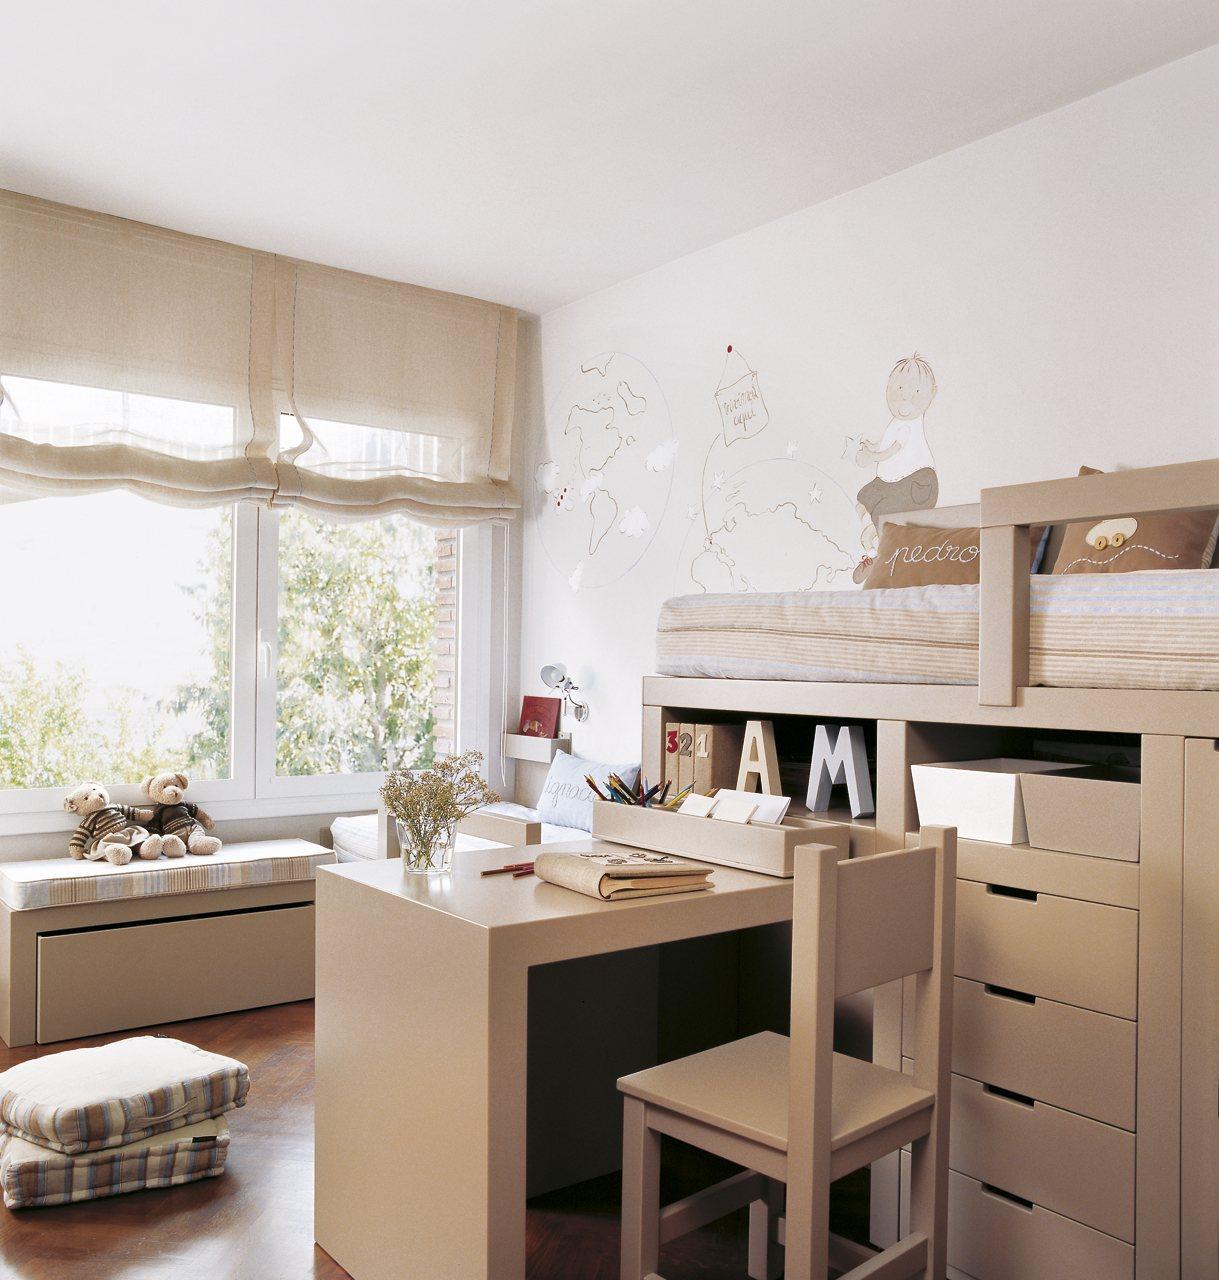 dormitorio infantil en beige y blanco con escritorio unido a la litera